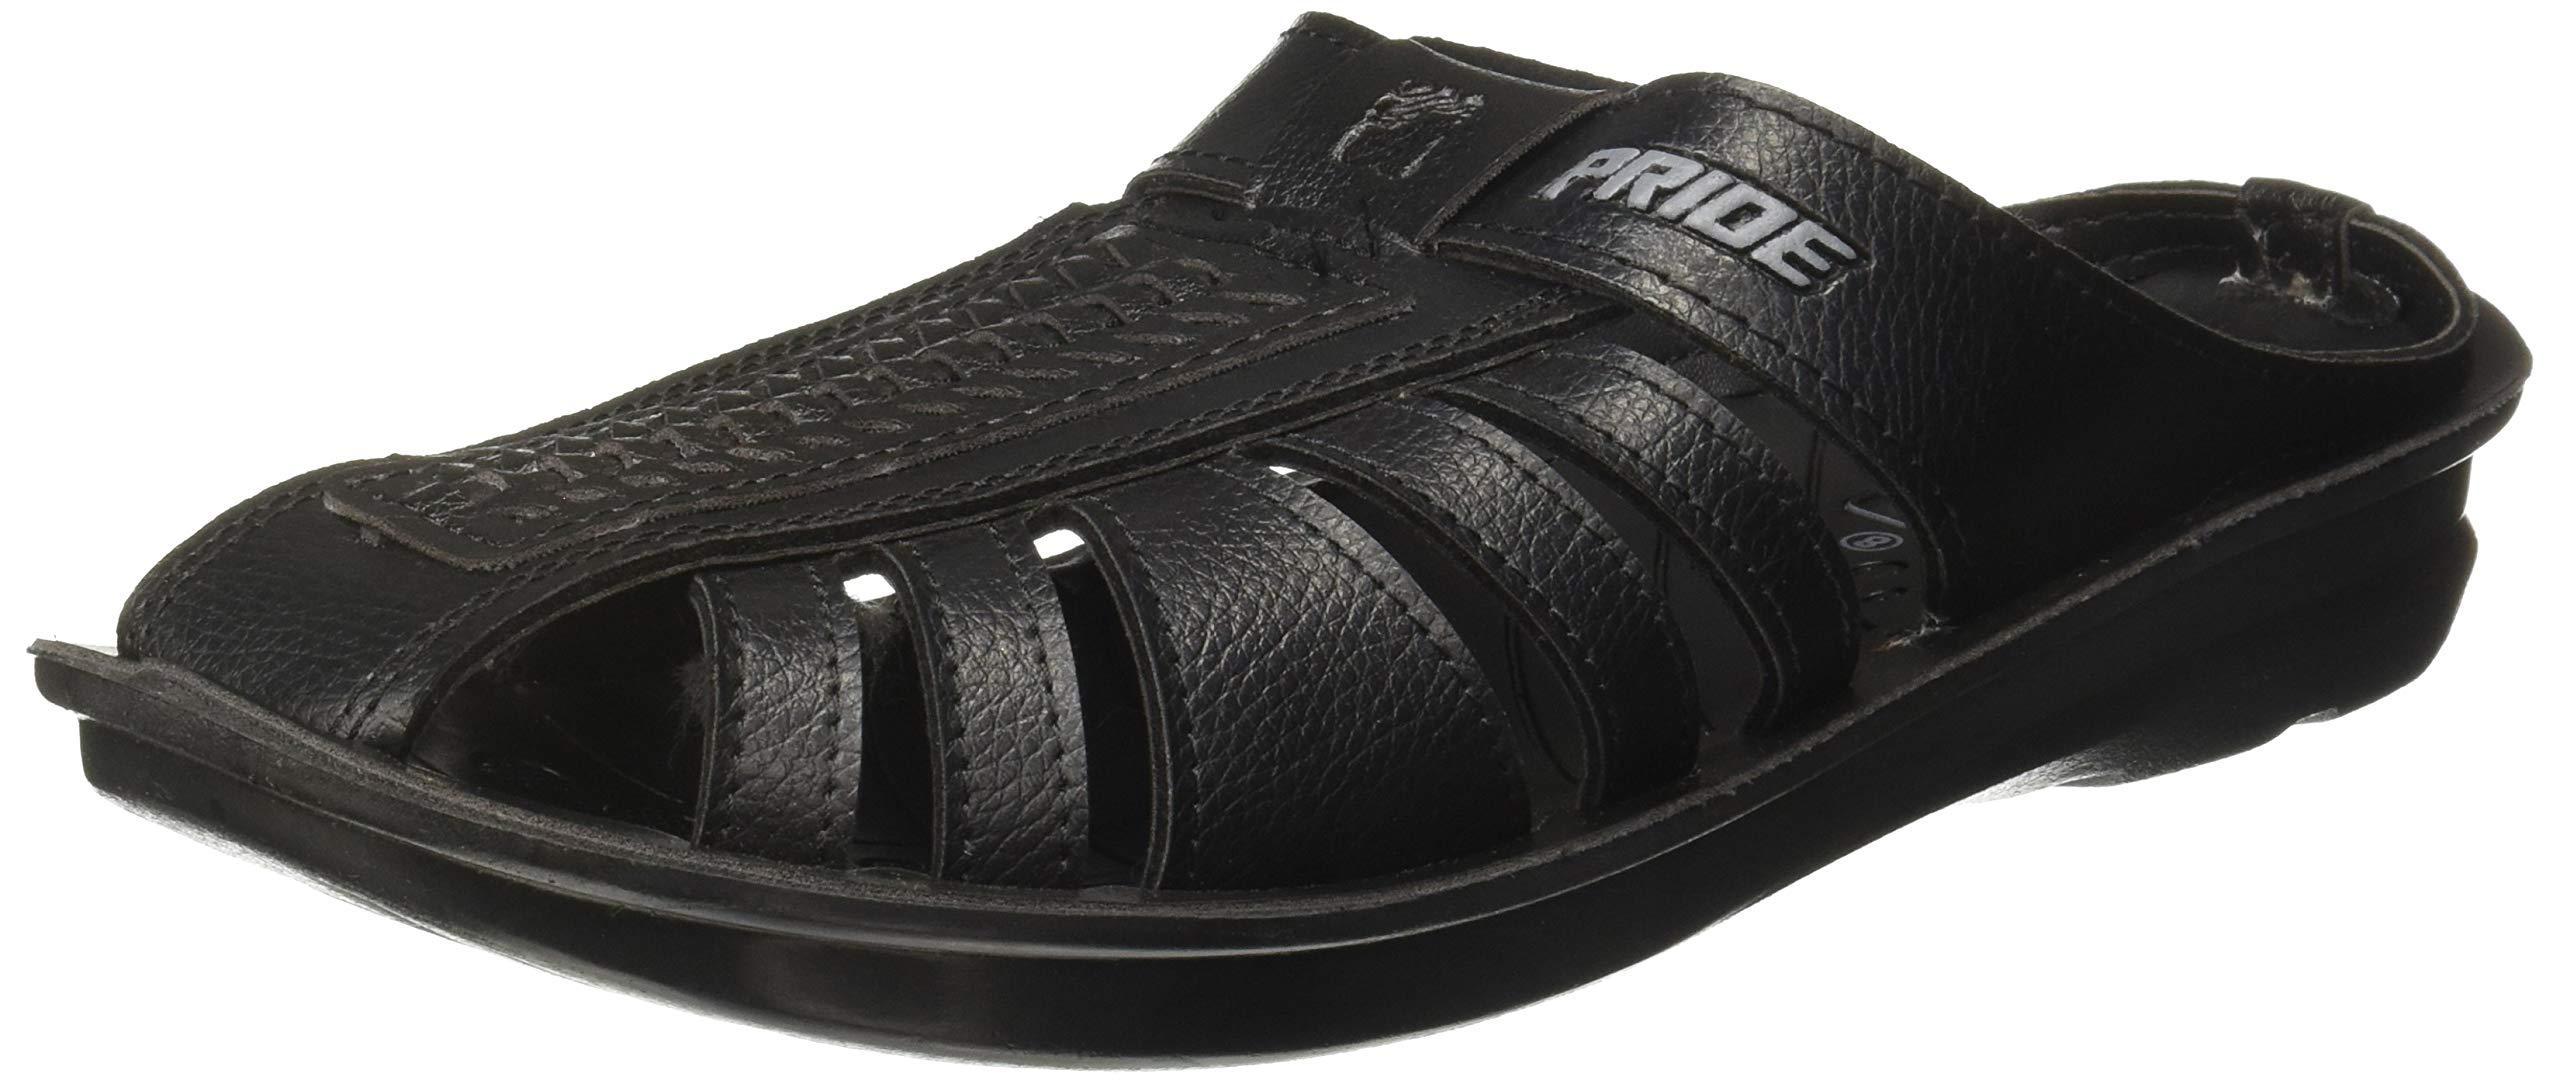 VKC Pride Men's Outdoor Sandals- Buy